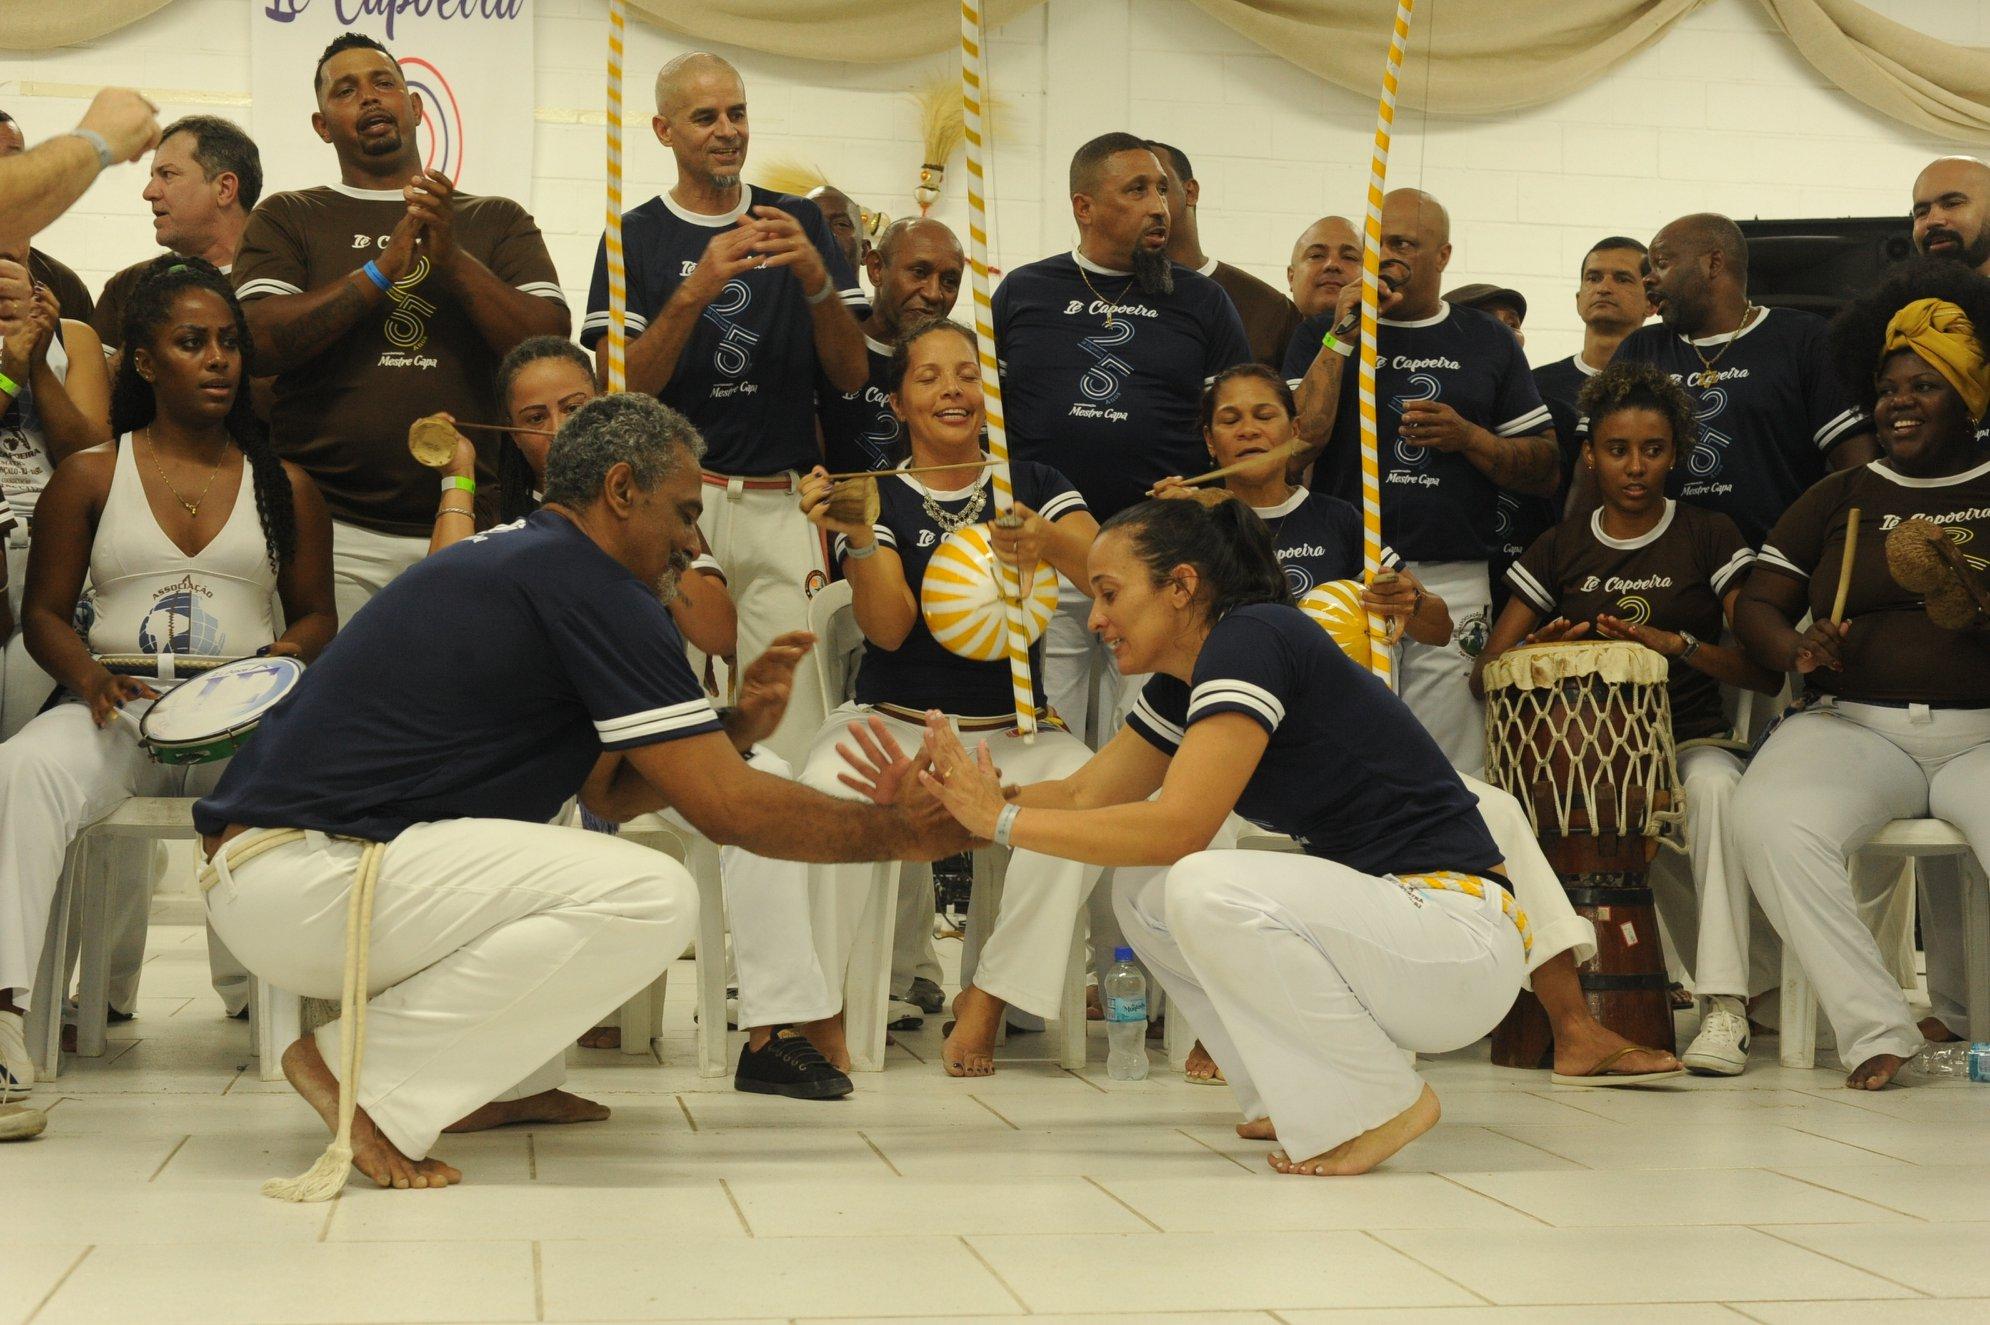 O LUGAR (IN)COMUM DA MULHER NA CAPOEIRA Capoeira Mulheres